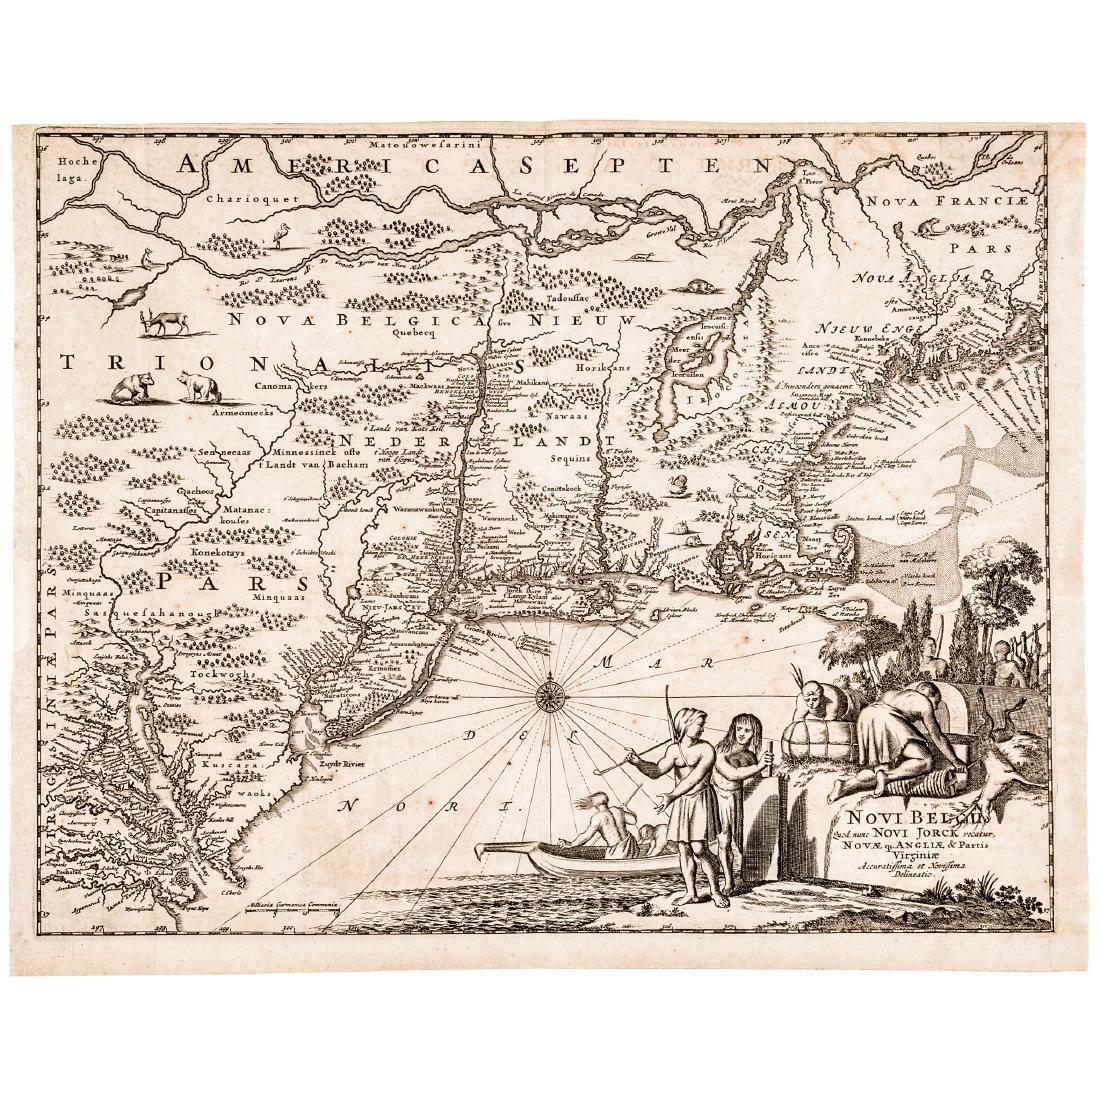 c 1670 North America Map: NOVI BELGII, QUOD NUNC NOVI